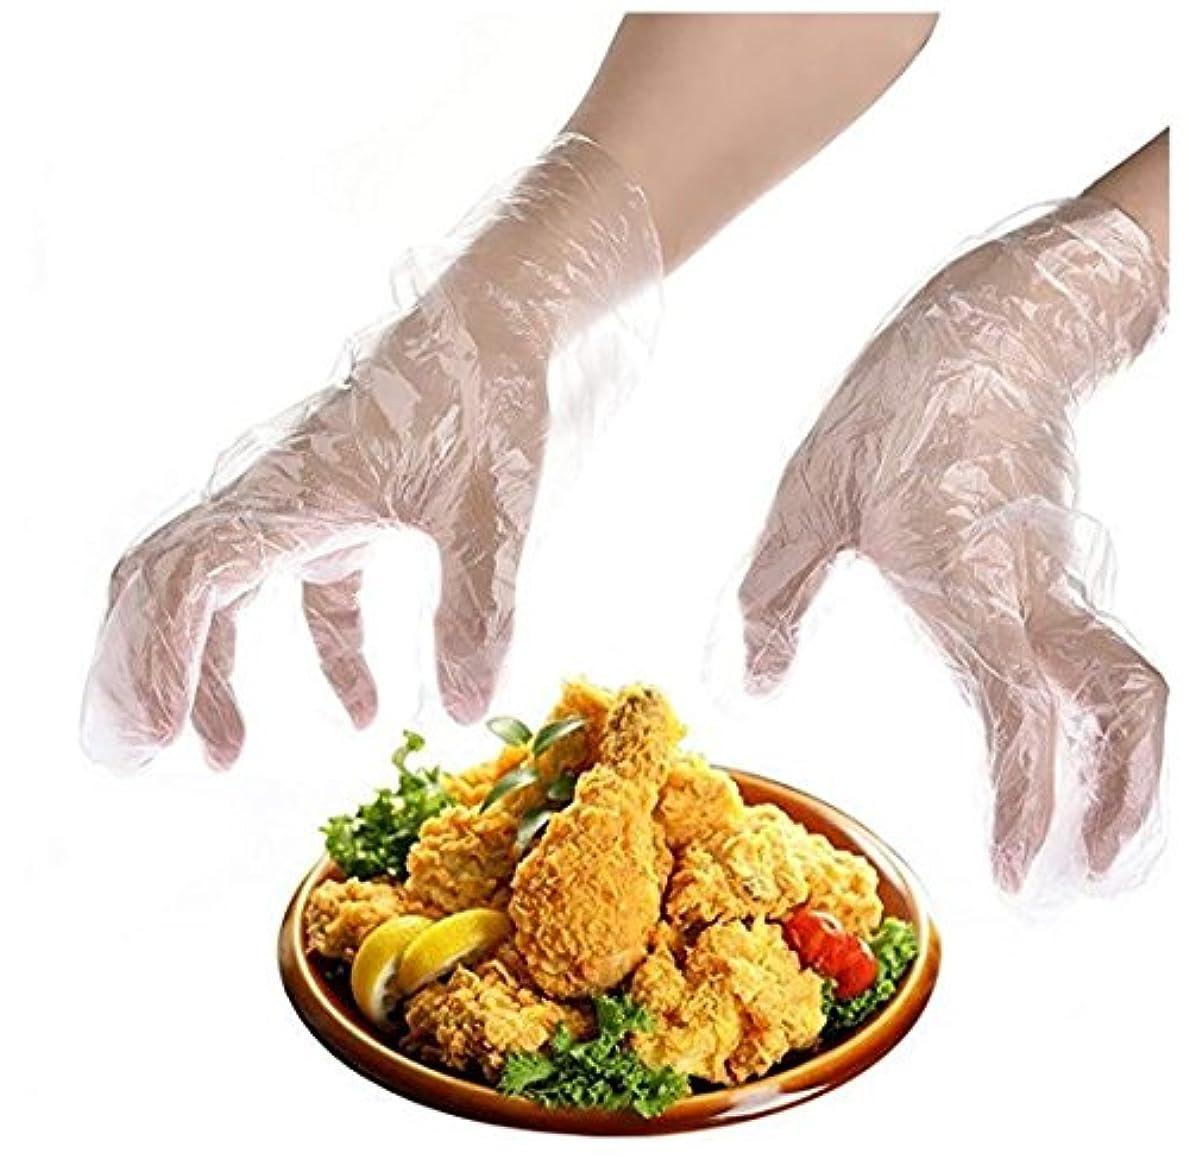 一瞬バインドひどいHeyuni.使い捨て手袋 極薄ビニール手袋 ポリエチレン 透明 実用 衛生 100枚